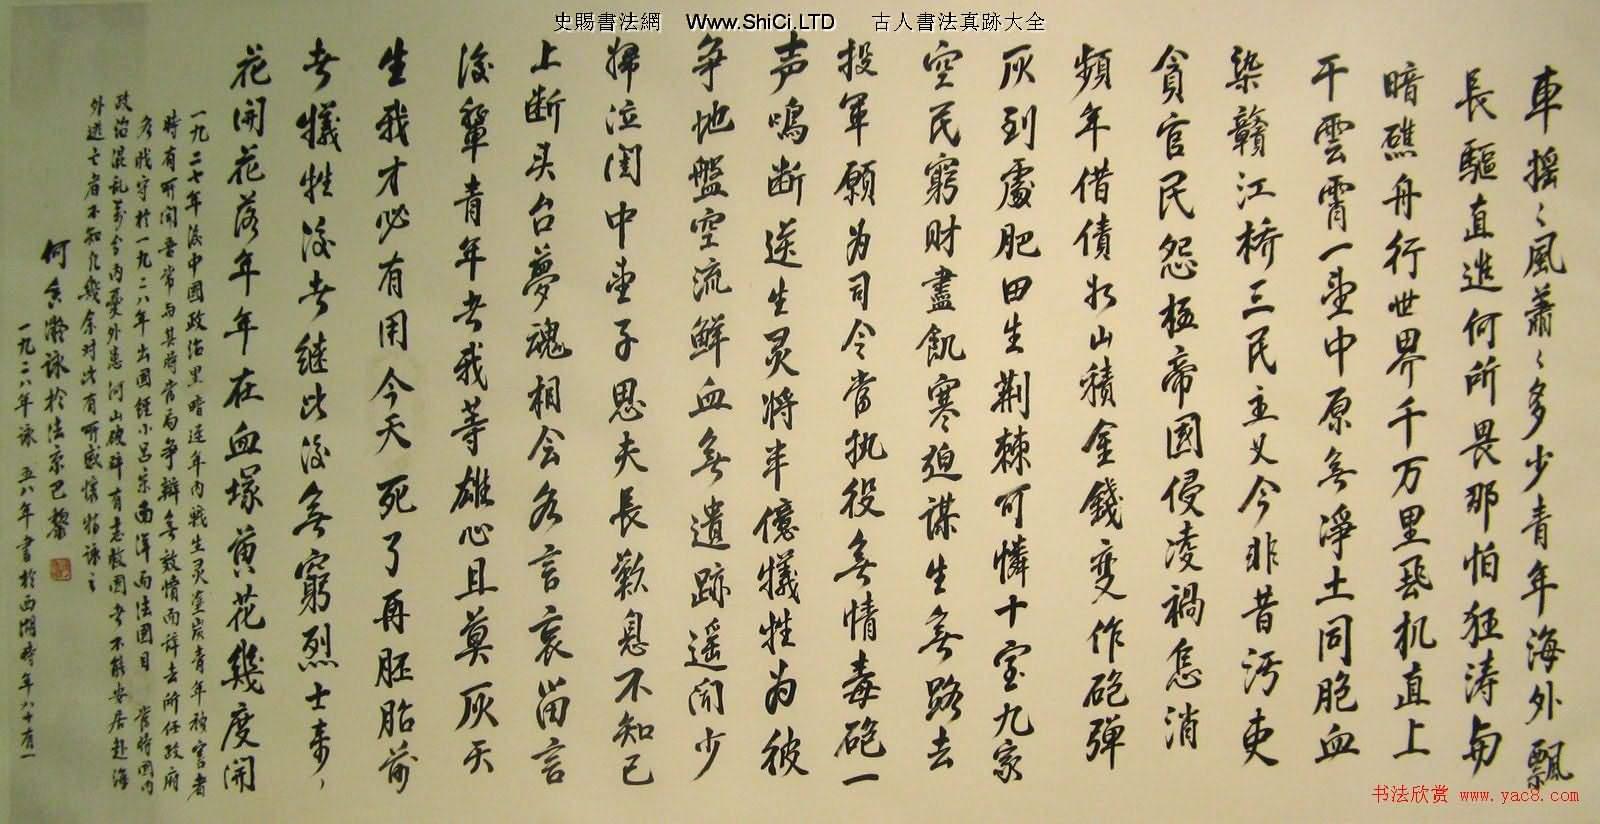 何香凝書法作品真跡和信札墨跡(共9張圖片)